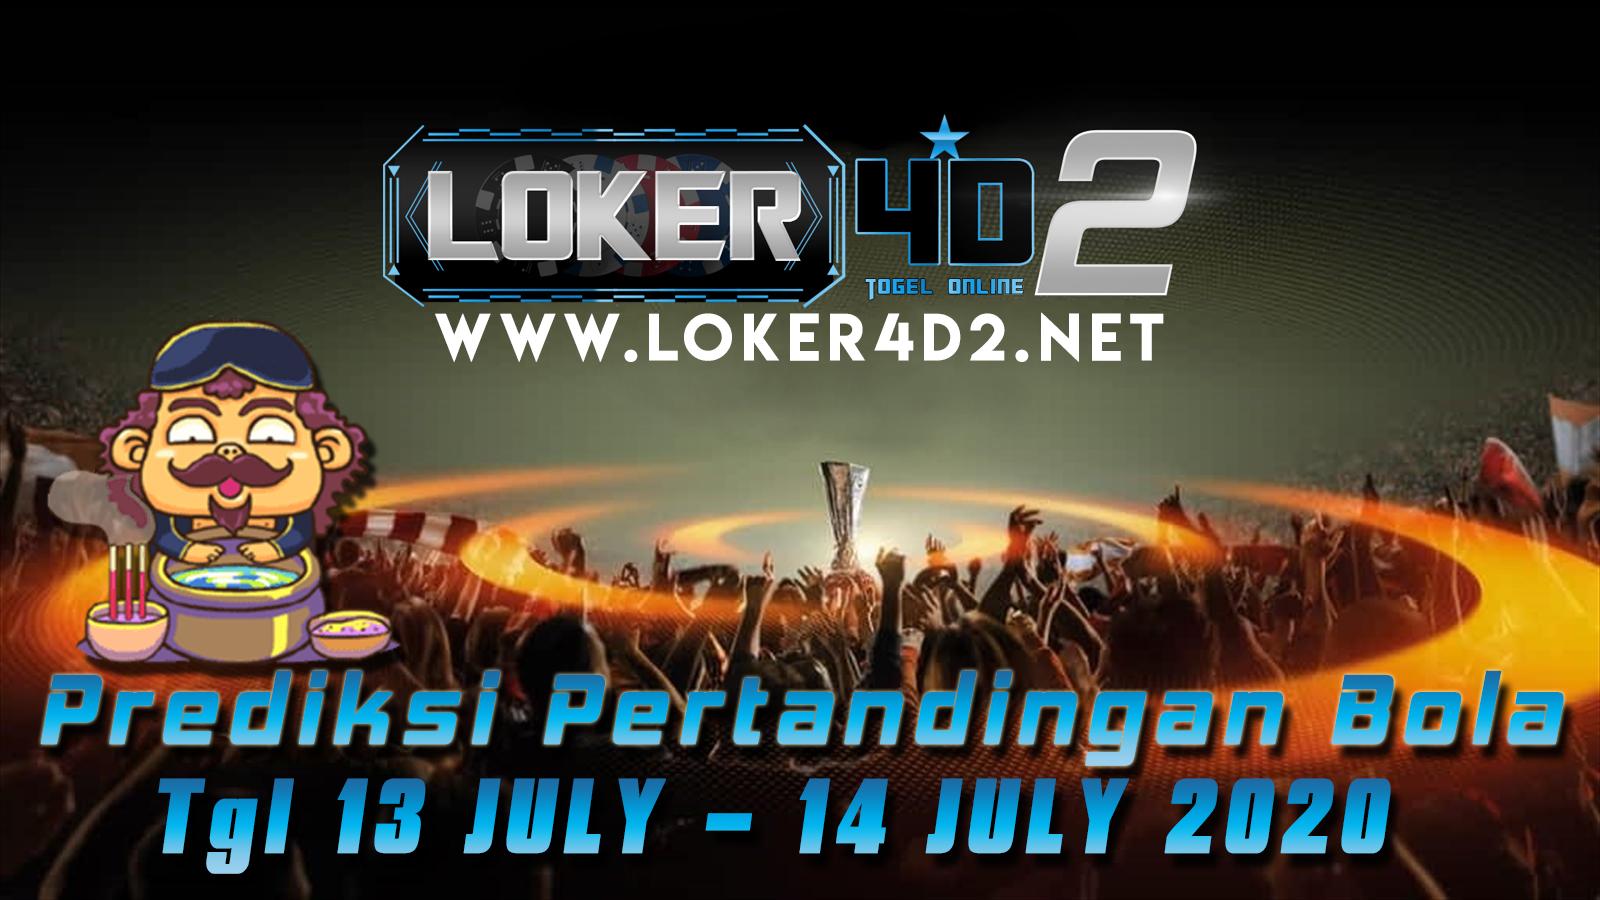 PREDIKSI PERTANDINGAN BOLA 13-14 JULI 2020